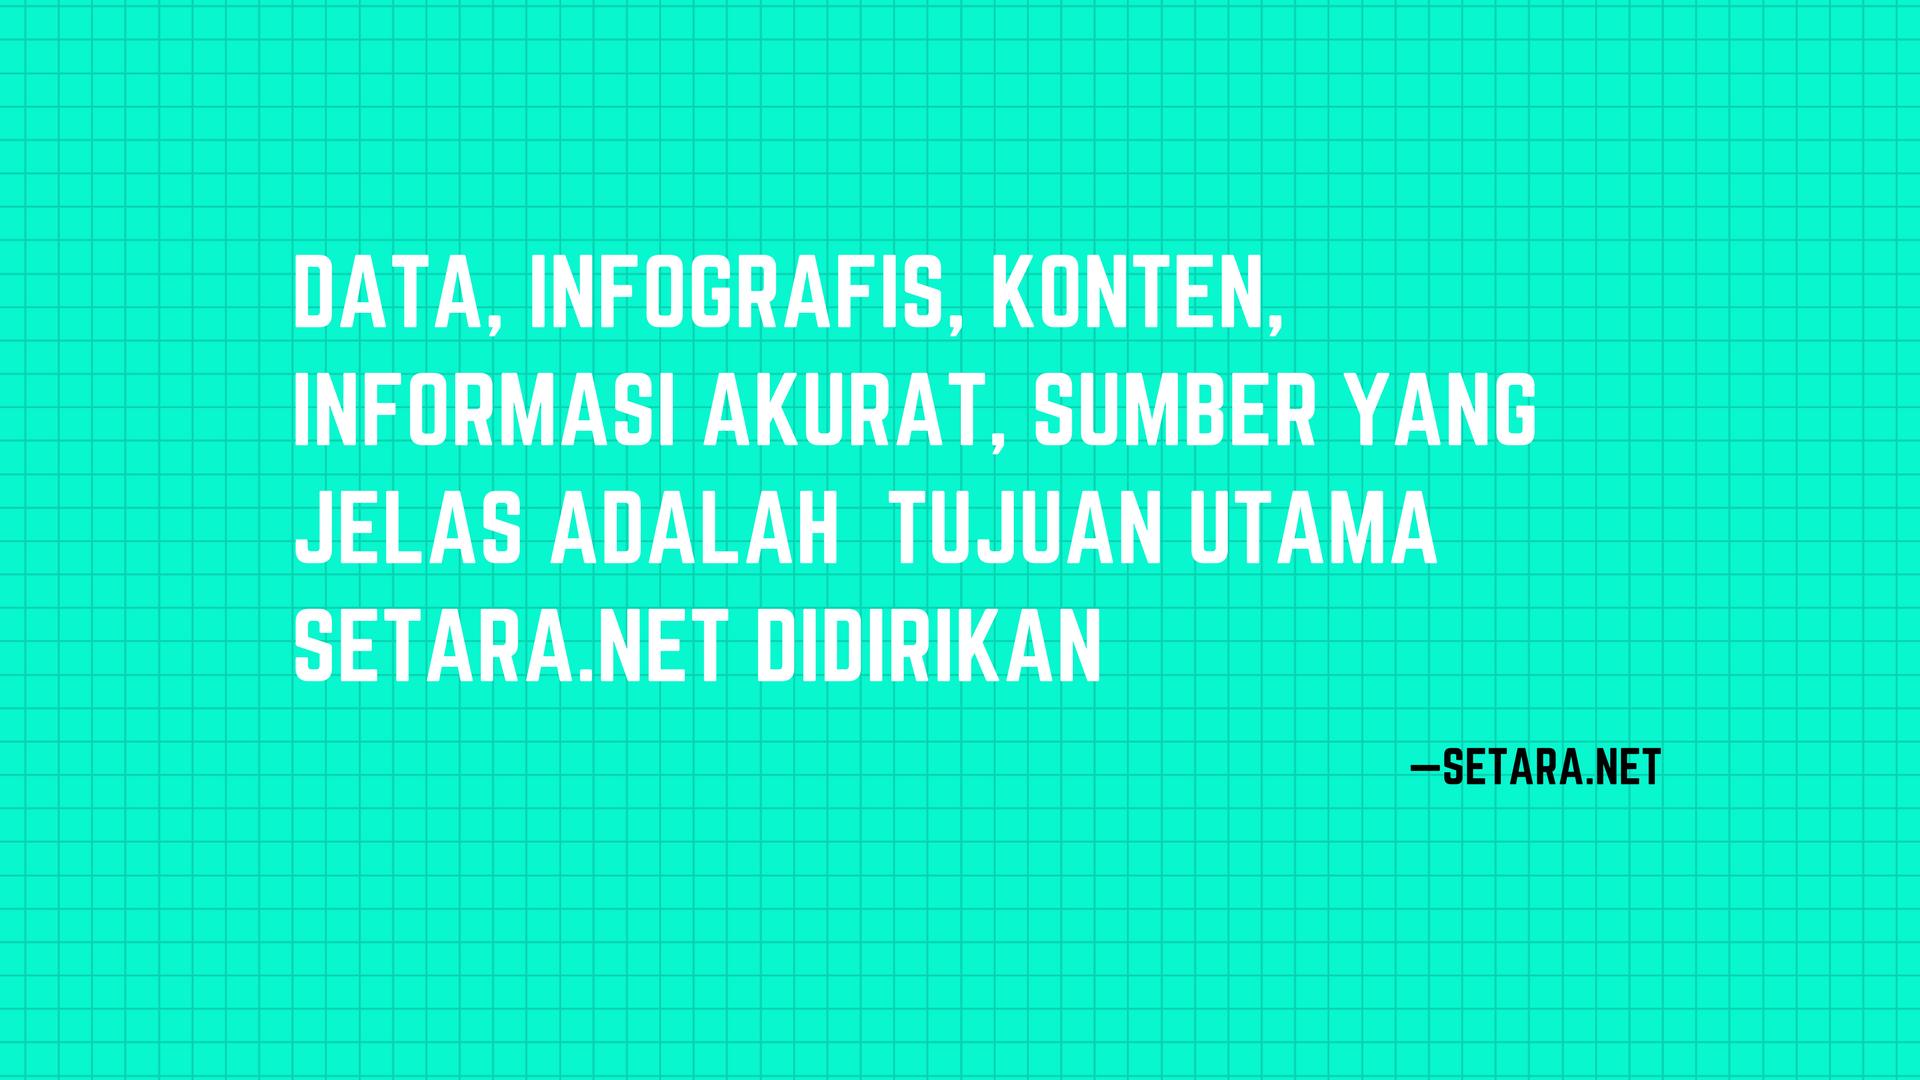 Setara.net media